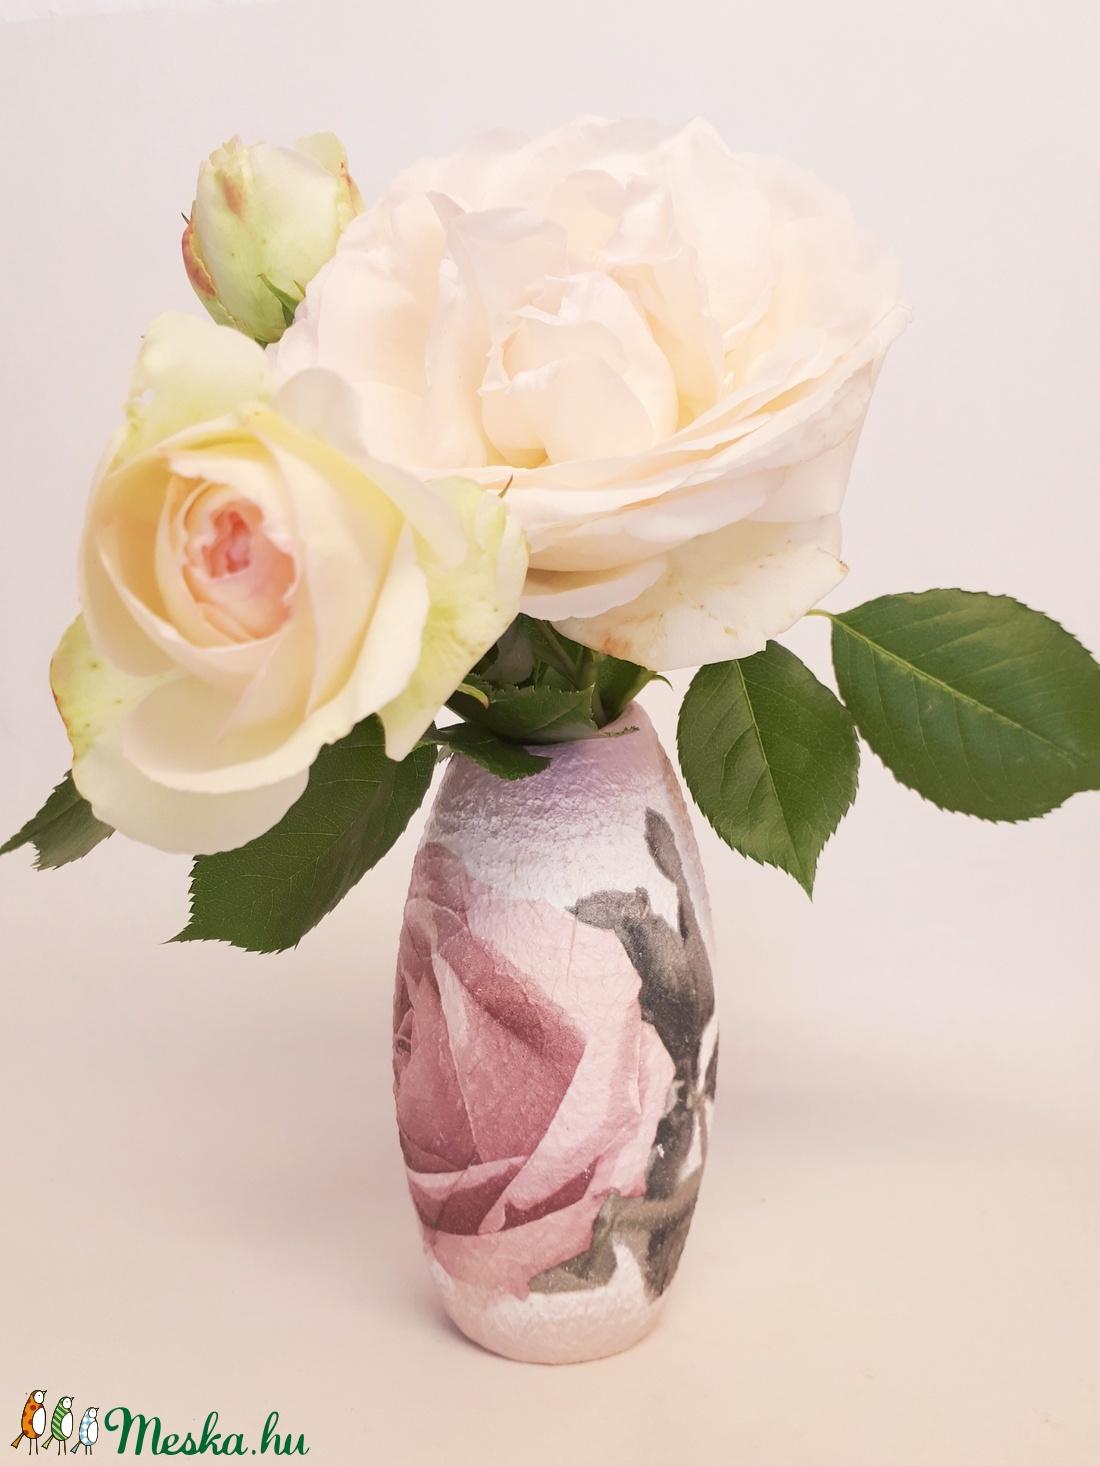 Rózsa kerámia váza rózsa kedvelőknek szülinapra, névnapra, anyák napjára, nőnapra, házavatóra (Biborvarazs) - Meska.hu